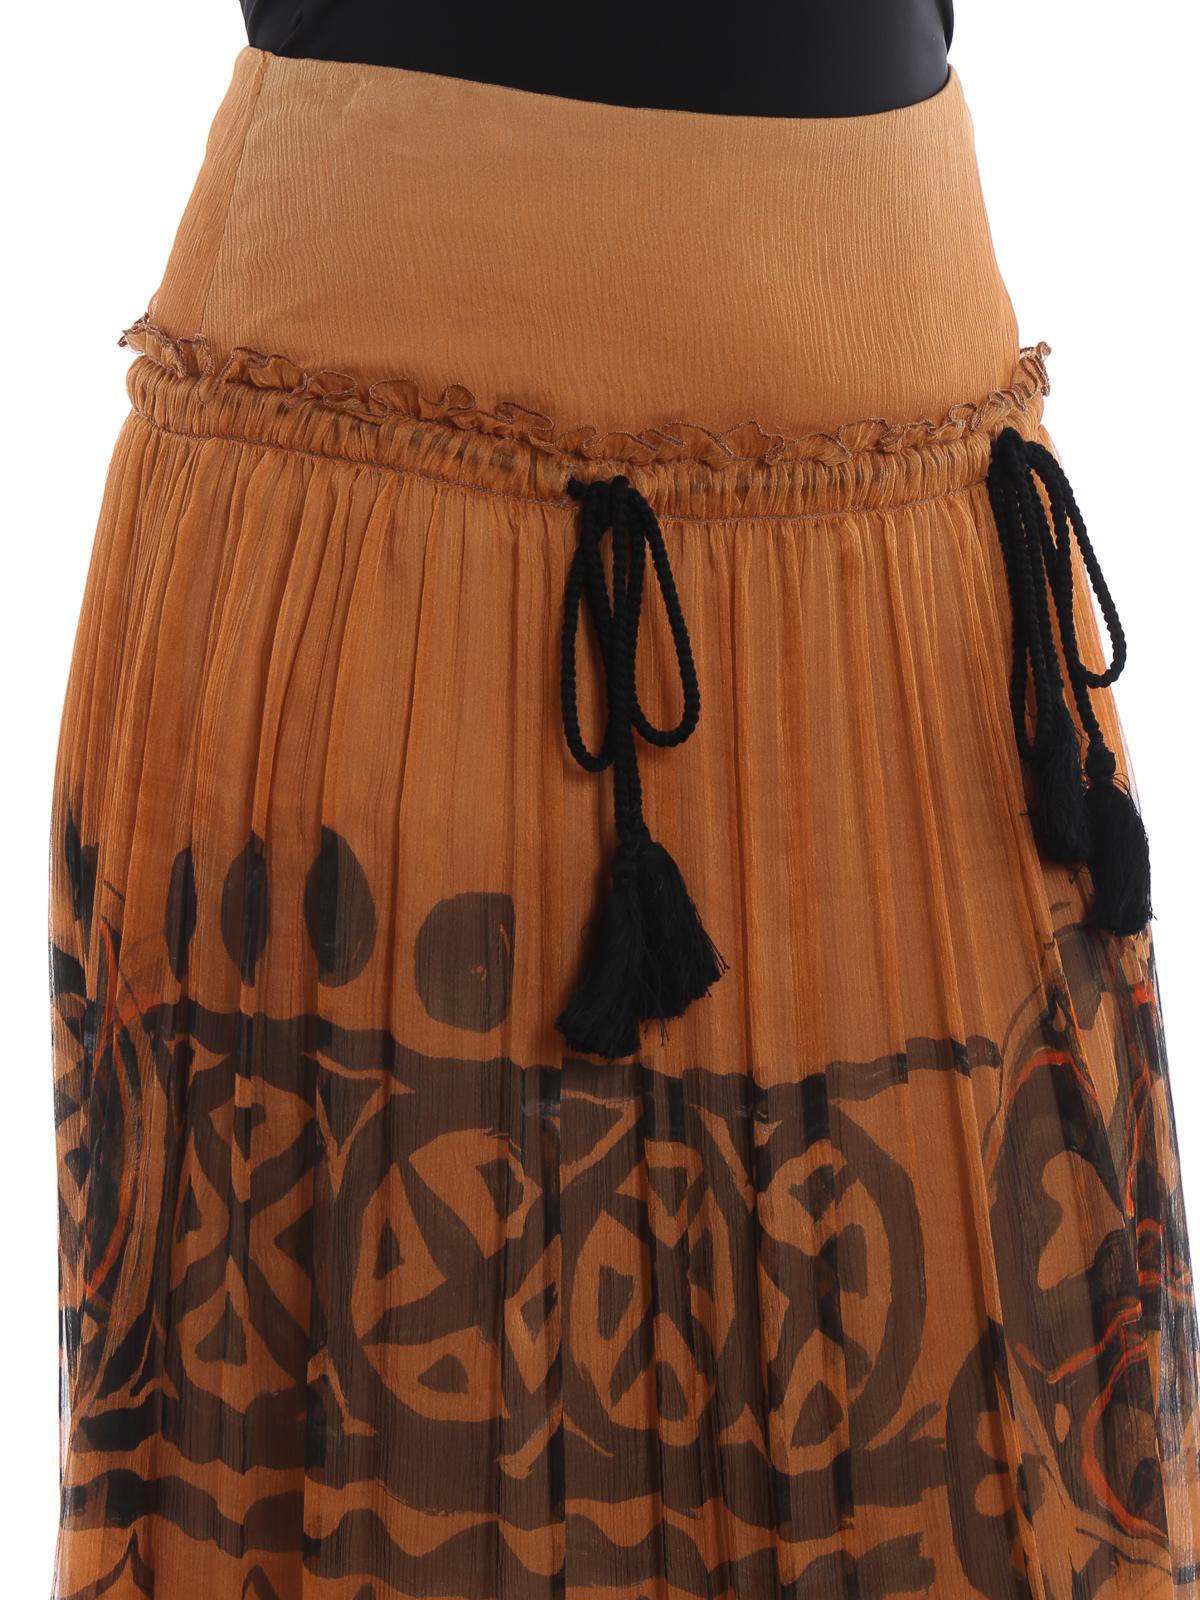 scarpe di separazione d03e9 d1705 Alberta Ferretti - Gonna lunga etnica in seta con nappine ...